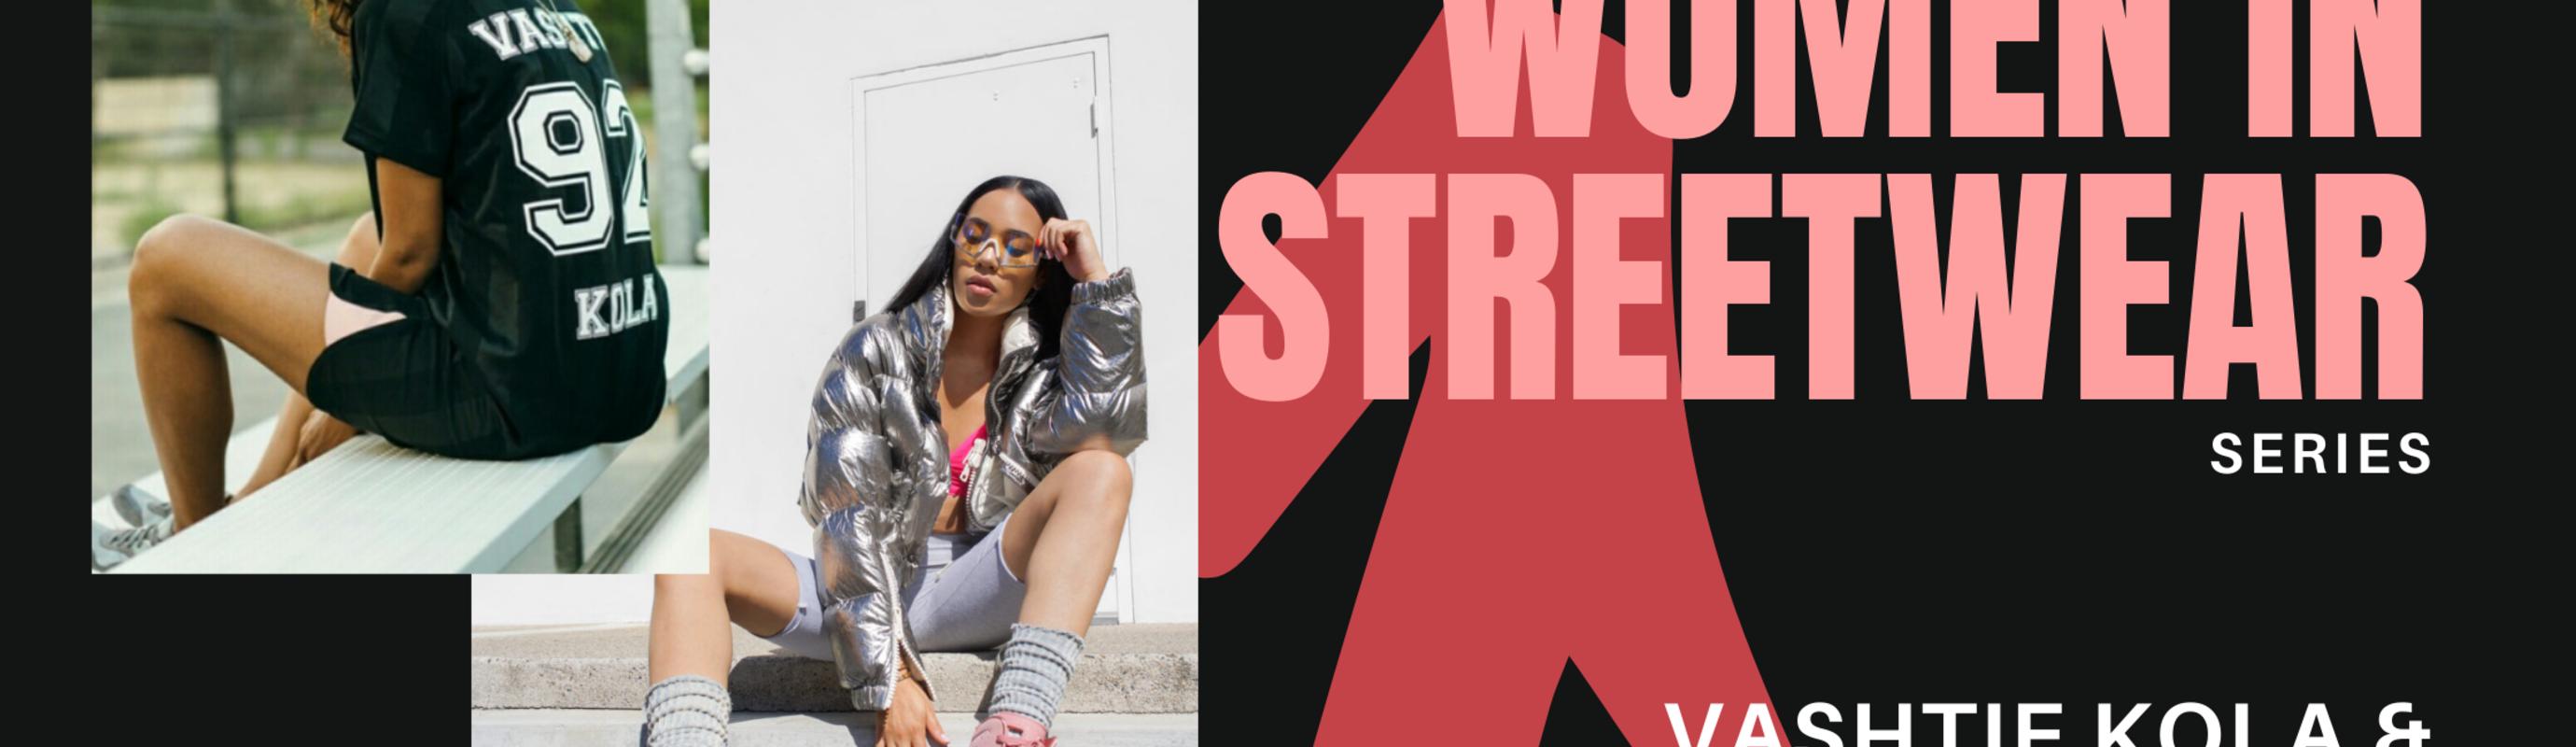 Women in Streetwear Series: Kola & May